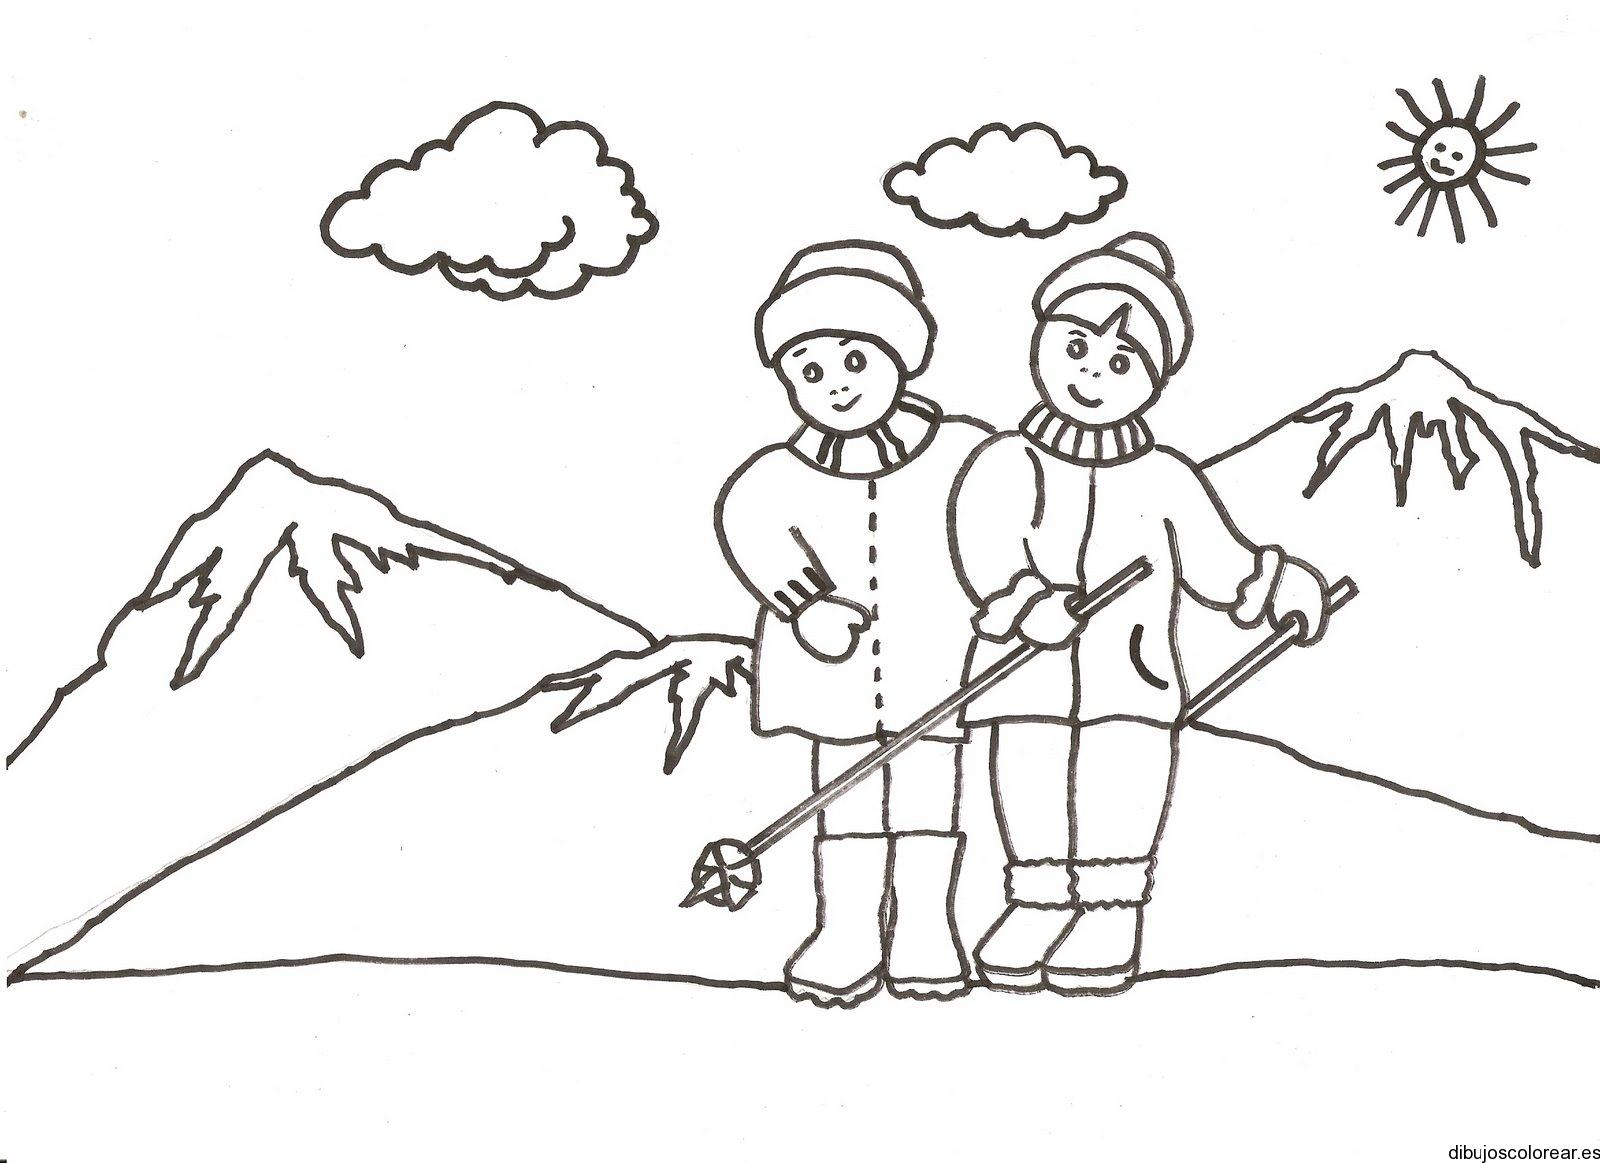 Dibujo de dos niños en la nieve